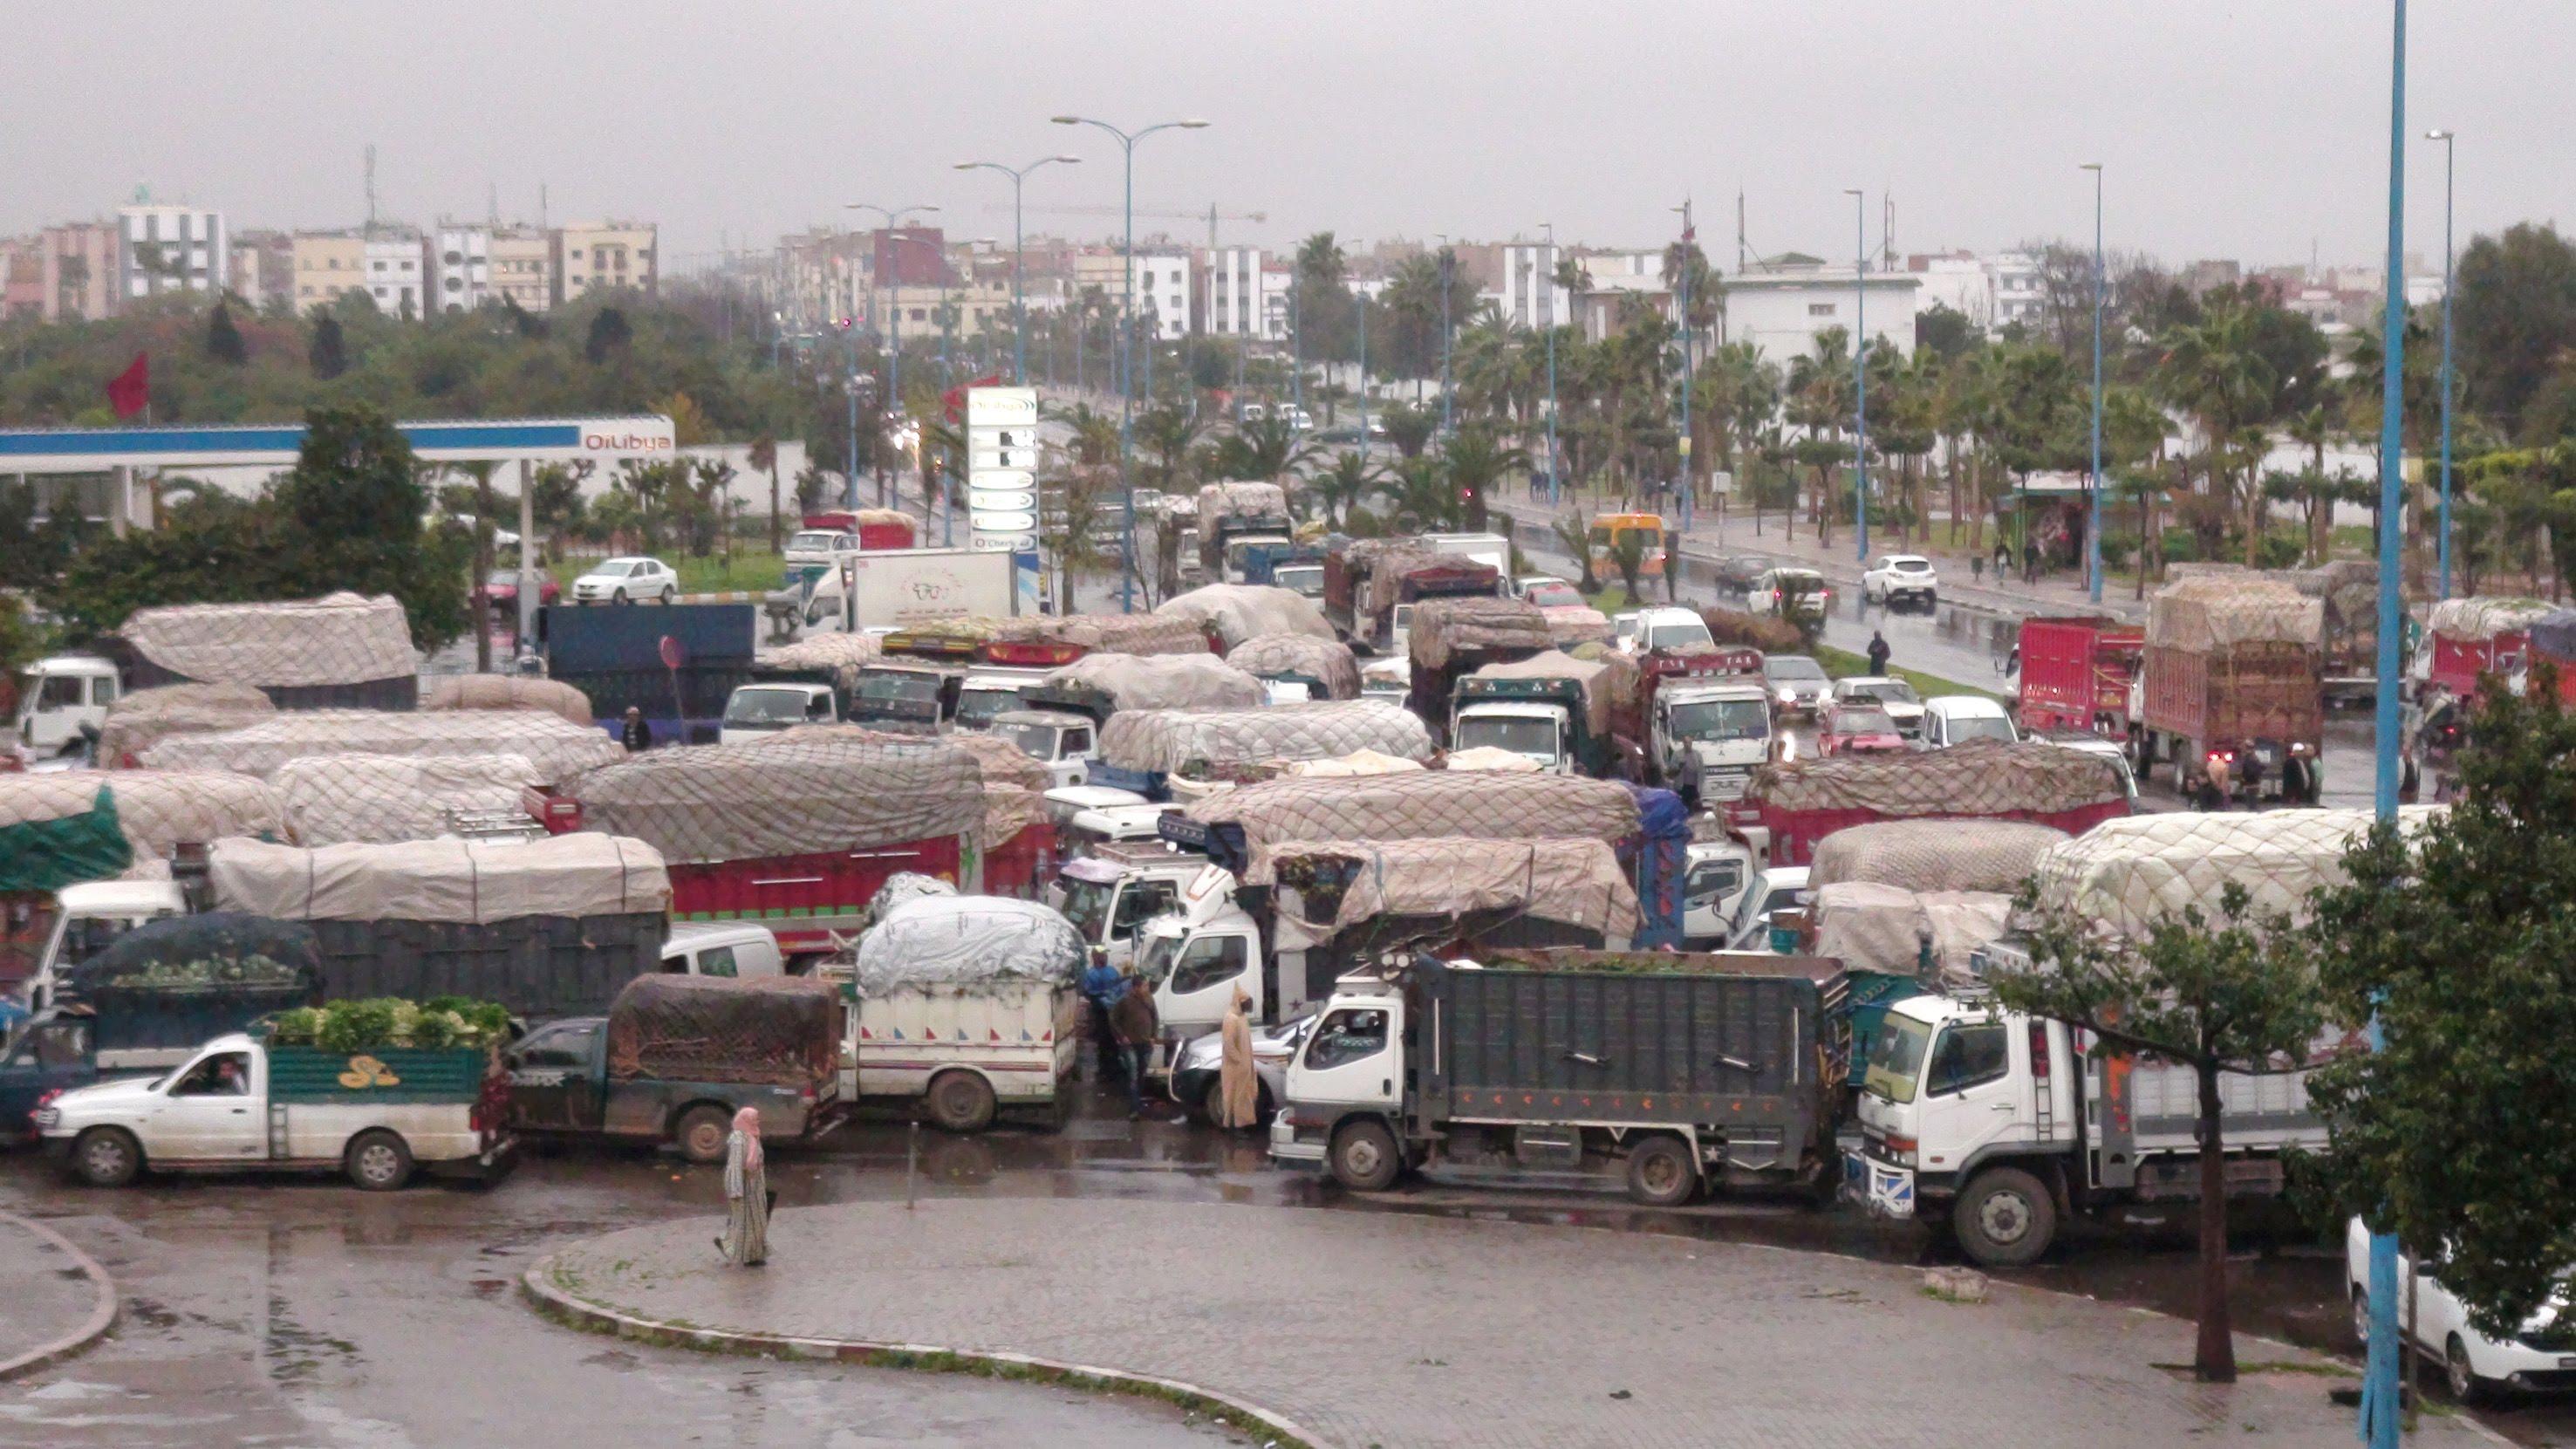 صورة مطالب بإغلاق البوابة الثانوية لسوق الجملة بالدار البيضاء